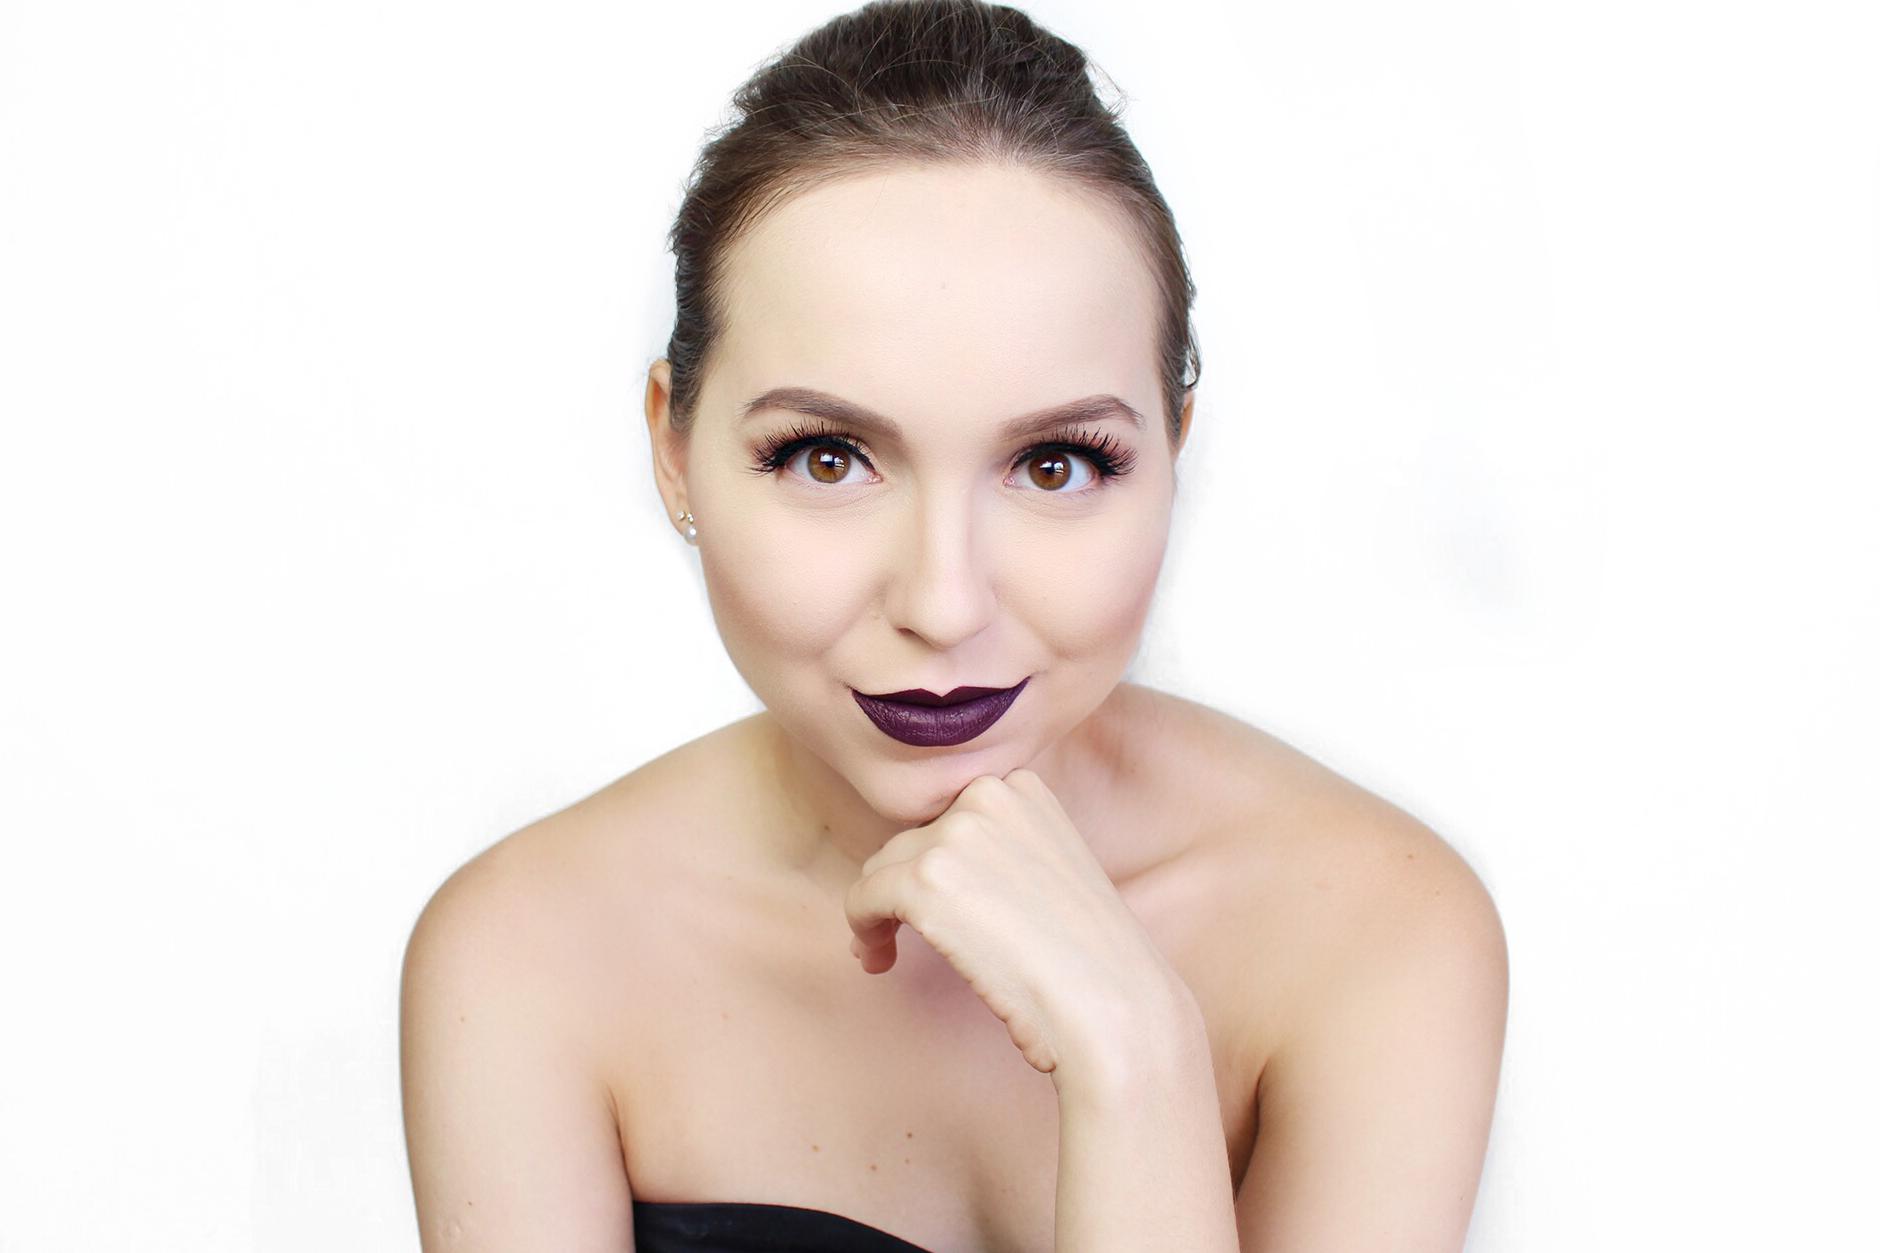 resenha colecao karen bachini tblogs batom dark lolita rosto